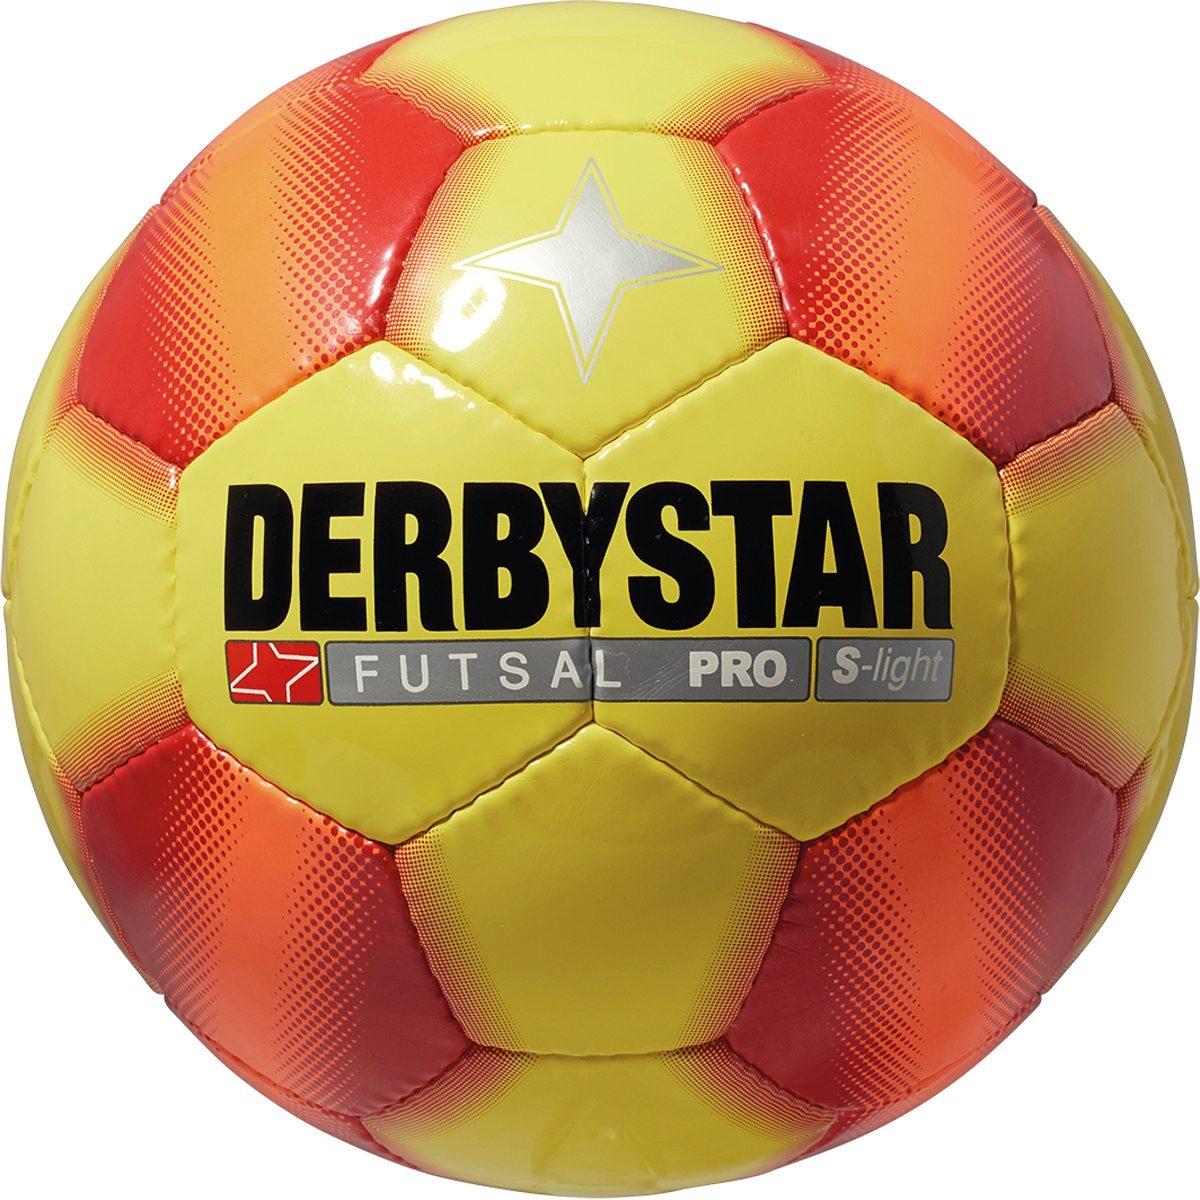 DERBYSTAR Futsal Pro S-Light Fußball